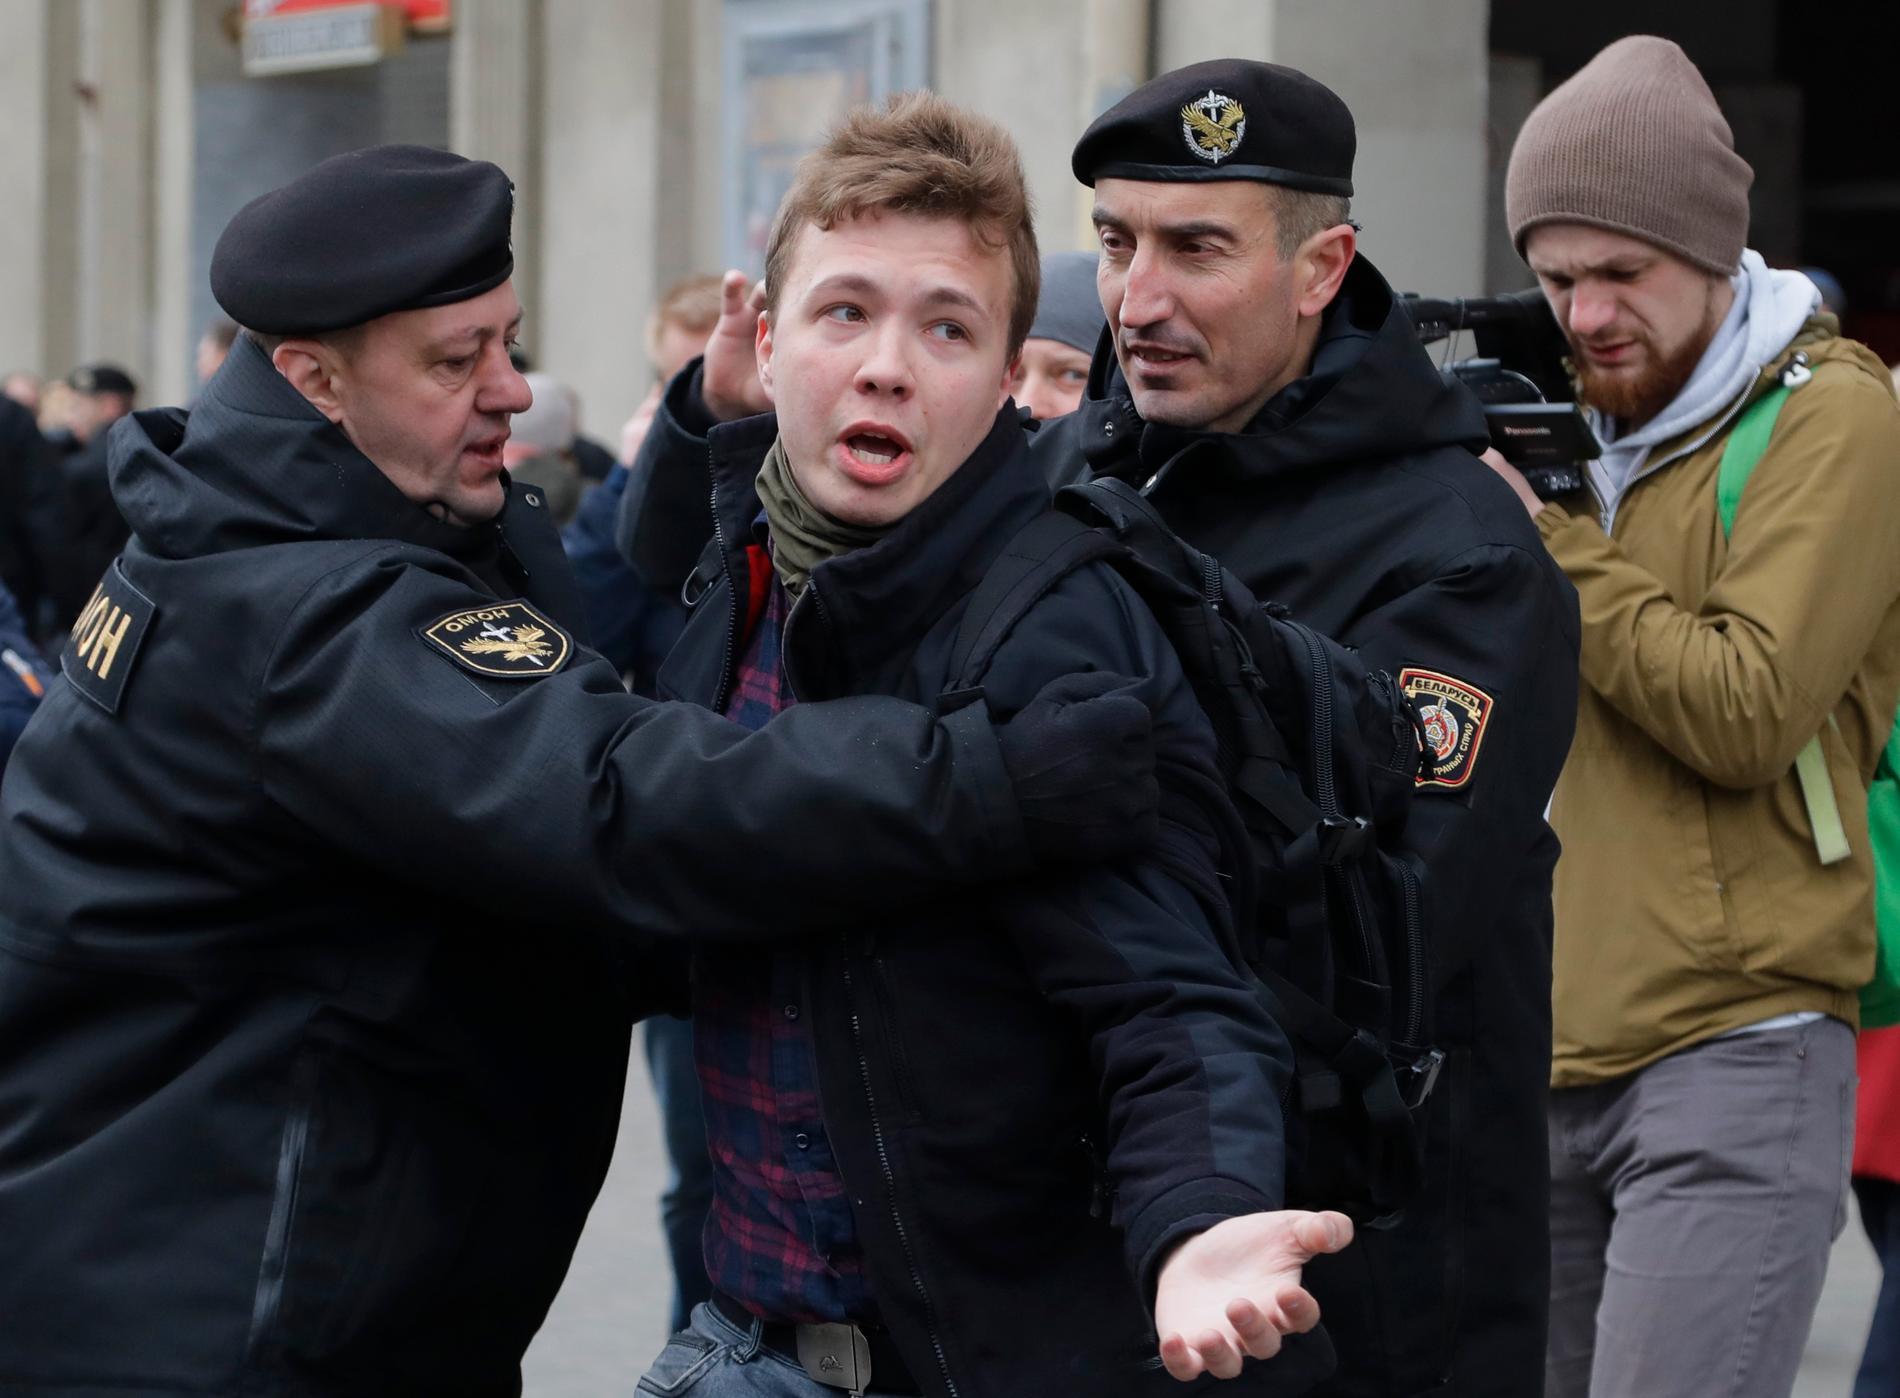 26-årige Roman Protasevitj lever i exil i Polen från Belarus och har bland annat drivit den oppositionella kanalen Nexta.